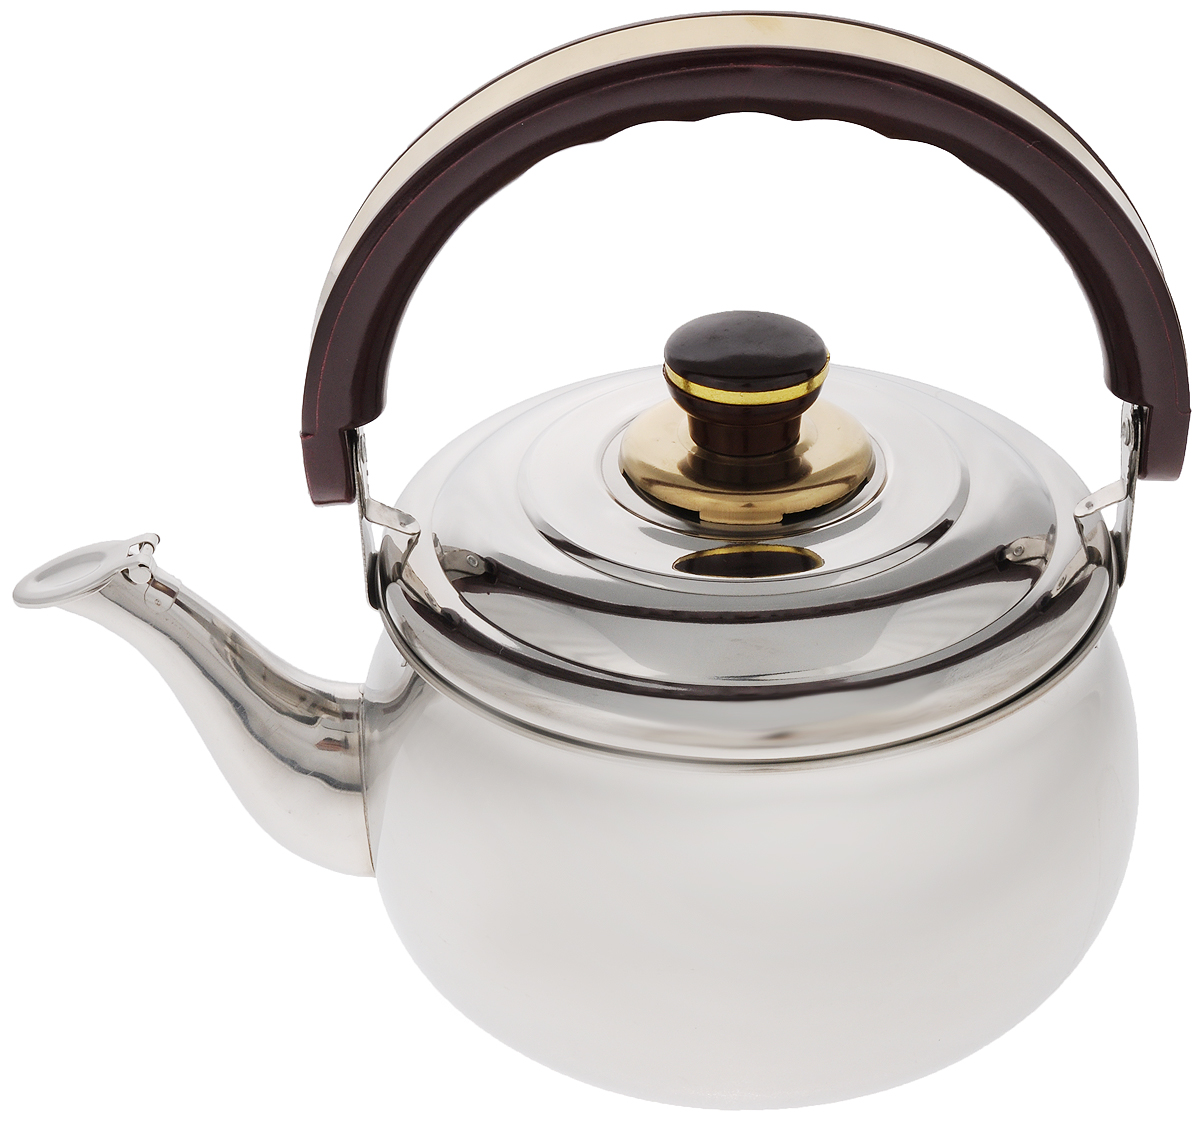 Чайник Mayer & Boch, со свистком, 3 л. 10361036Чайник Mayer & Boch изготовлен из высококачественной нержавеющей стали с зеркальной полировкой. Крышка чайника оснащена свистком, что позволит контролировать процесс подогрева или кипячения воды. Подвижная бакелитовая ручка имеет эргономичную форму, обеспечивая дополнительное удобство при разлитии напитка. Широкое верхнее отверстие позволит удобно налить воду. Чайник подходит для использования на электрических, газовых, стеклокерамических плитах. Можно мыть в посудомоечной машине.Диаметр чайника по верхнему краю: 18 см.Высота чайника (без учета ручки и крышки): 11 см.